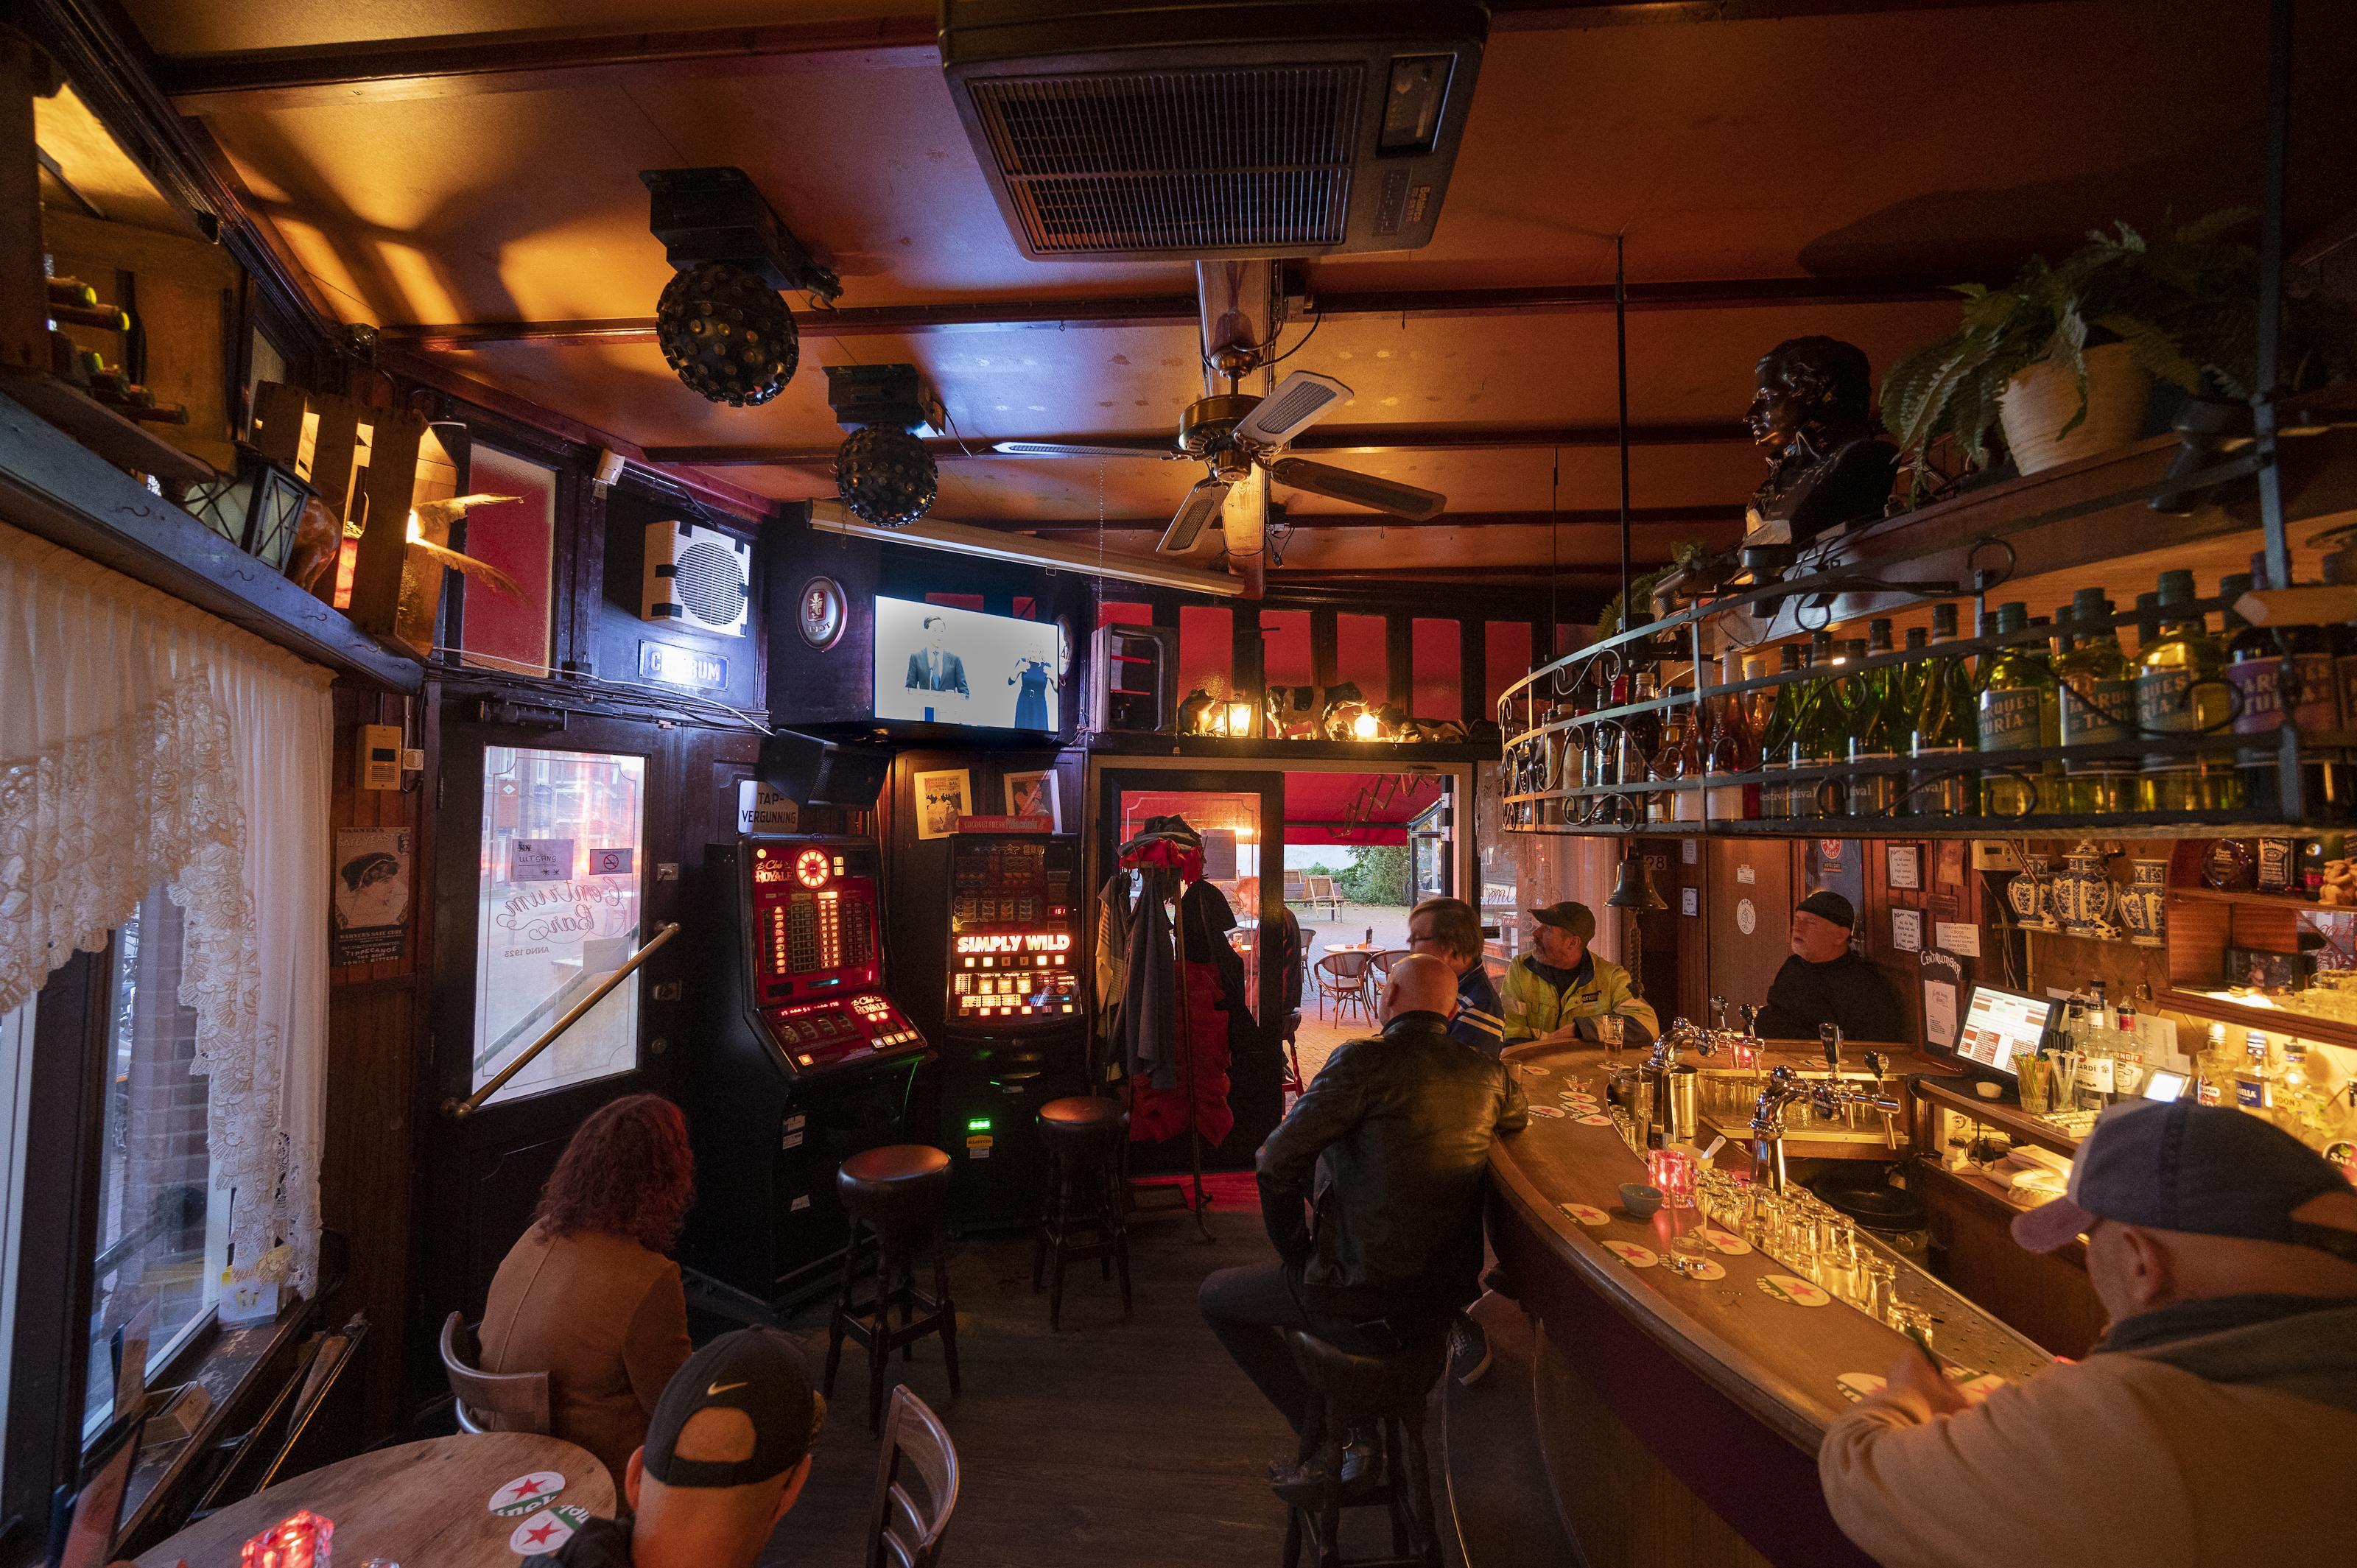 Barvrouw Reny van Centrum Bar in Zaandam voelt de bui al hangen na nieuwe coronamaatregelen: 'Ik denk dat ik ander werk moet zoeken'